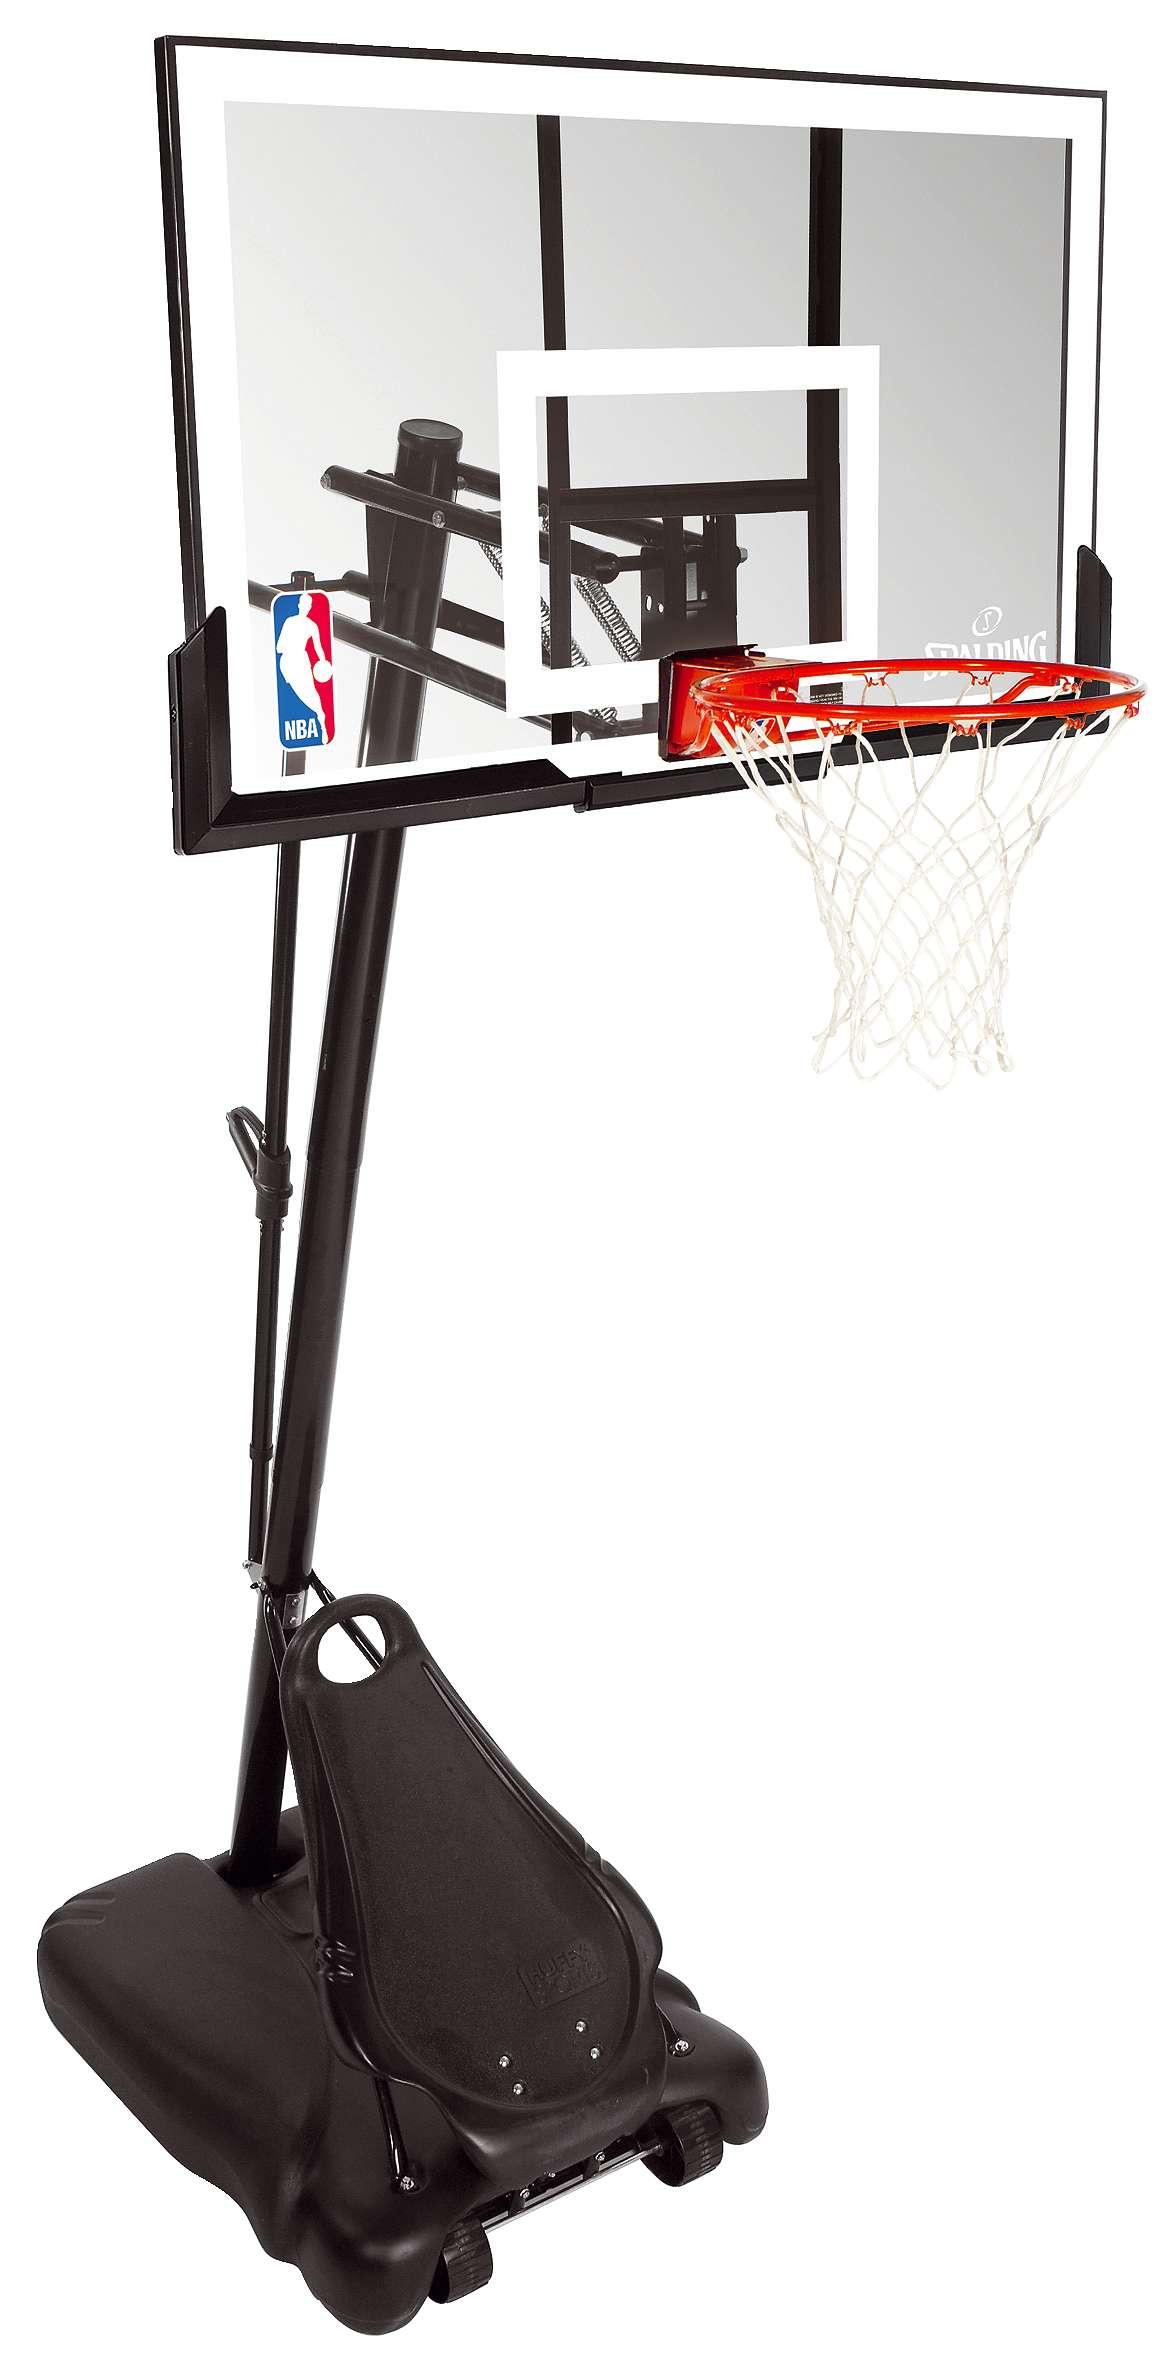 """Spalding Basketballanlage """"NBA Gold Exacta High Lift Portable"""" - Teamsport - Spalding"""